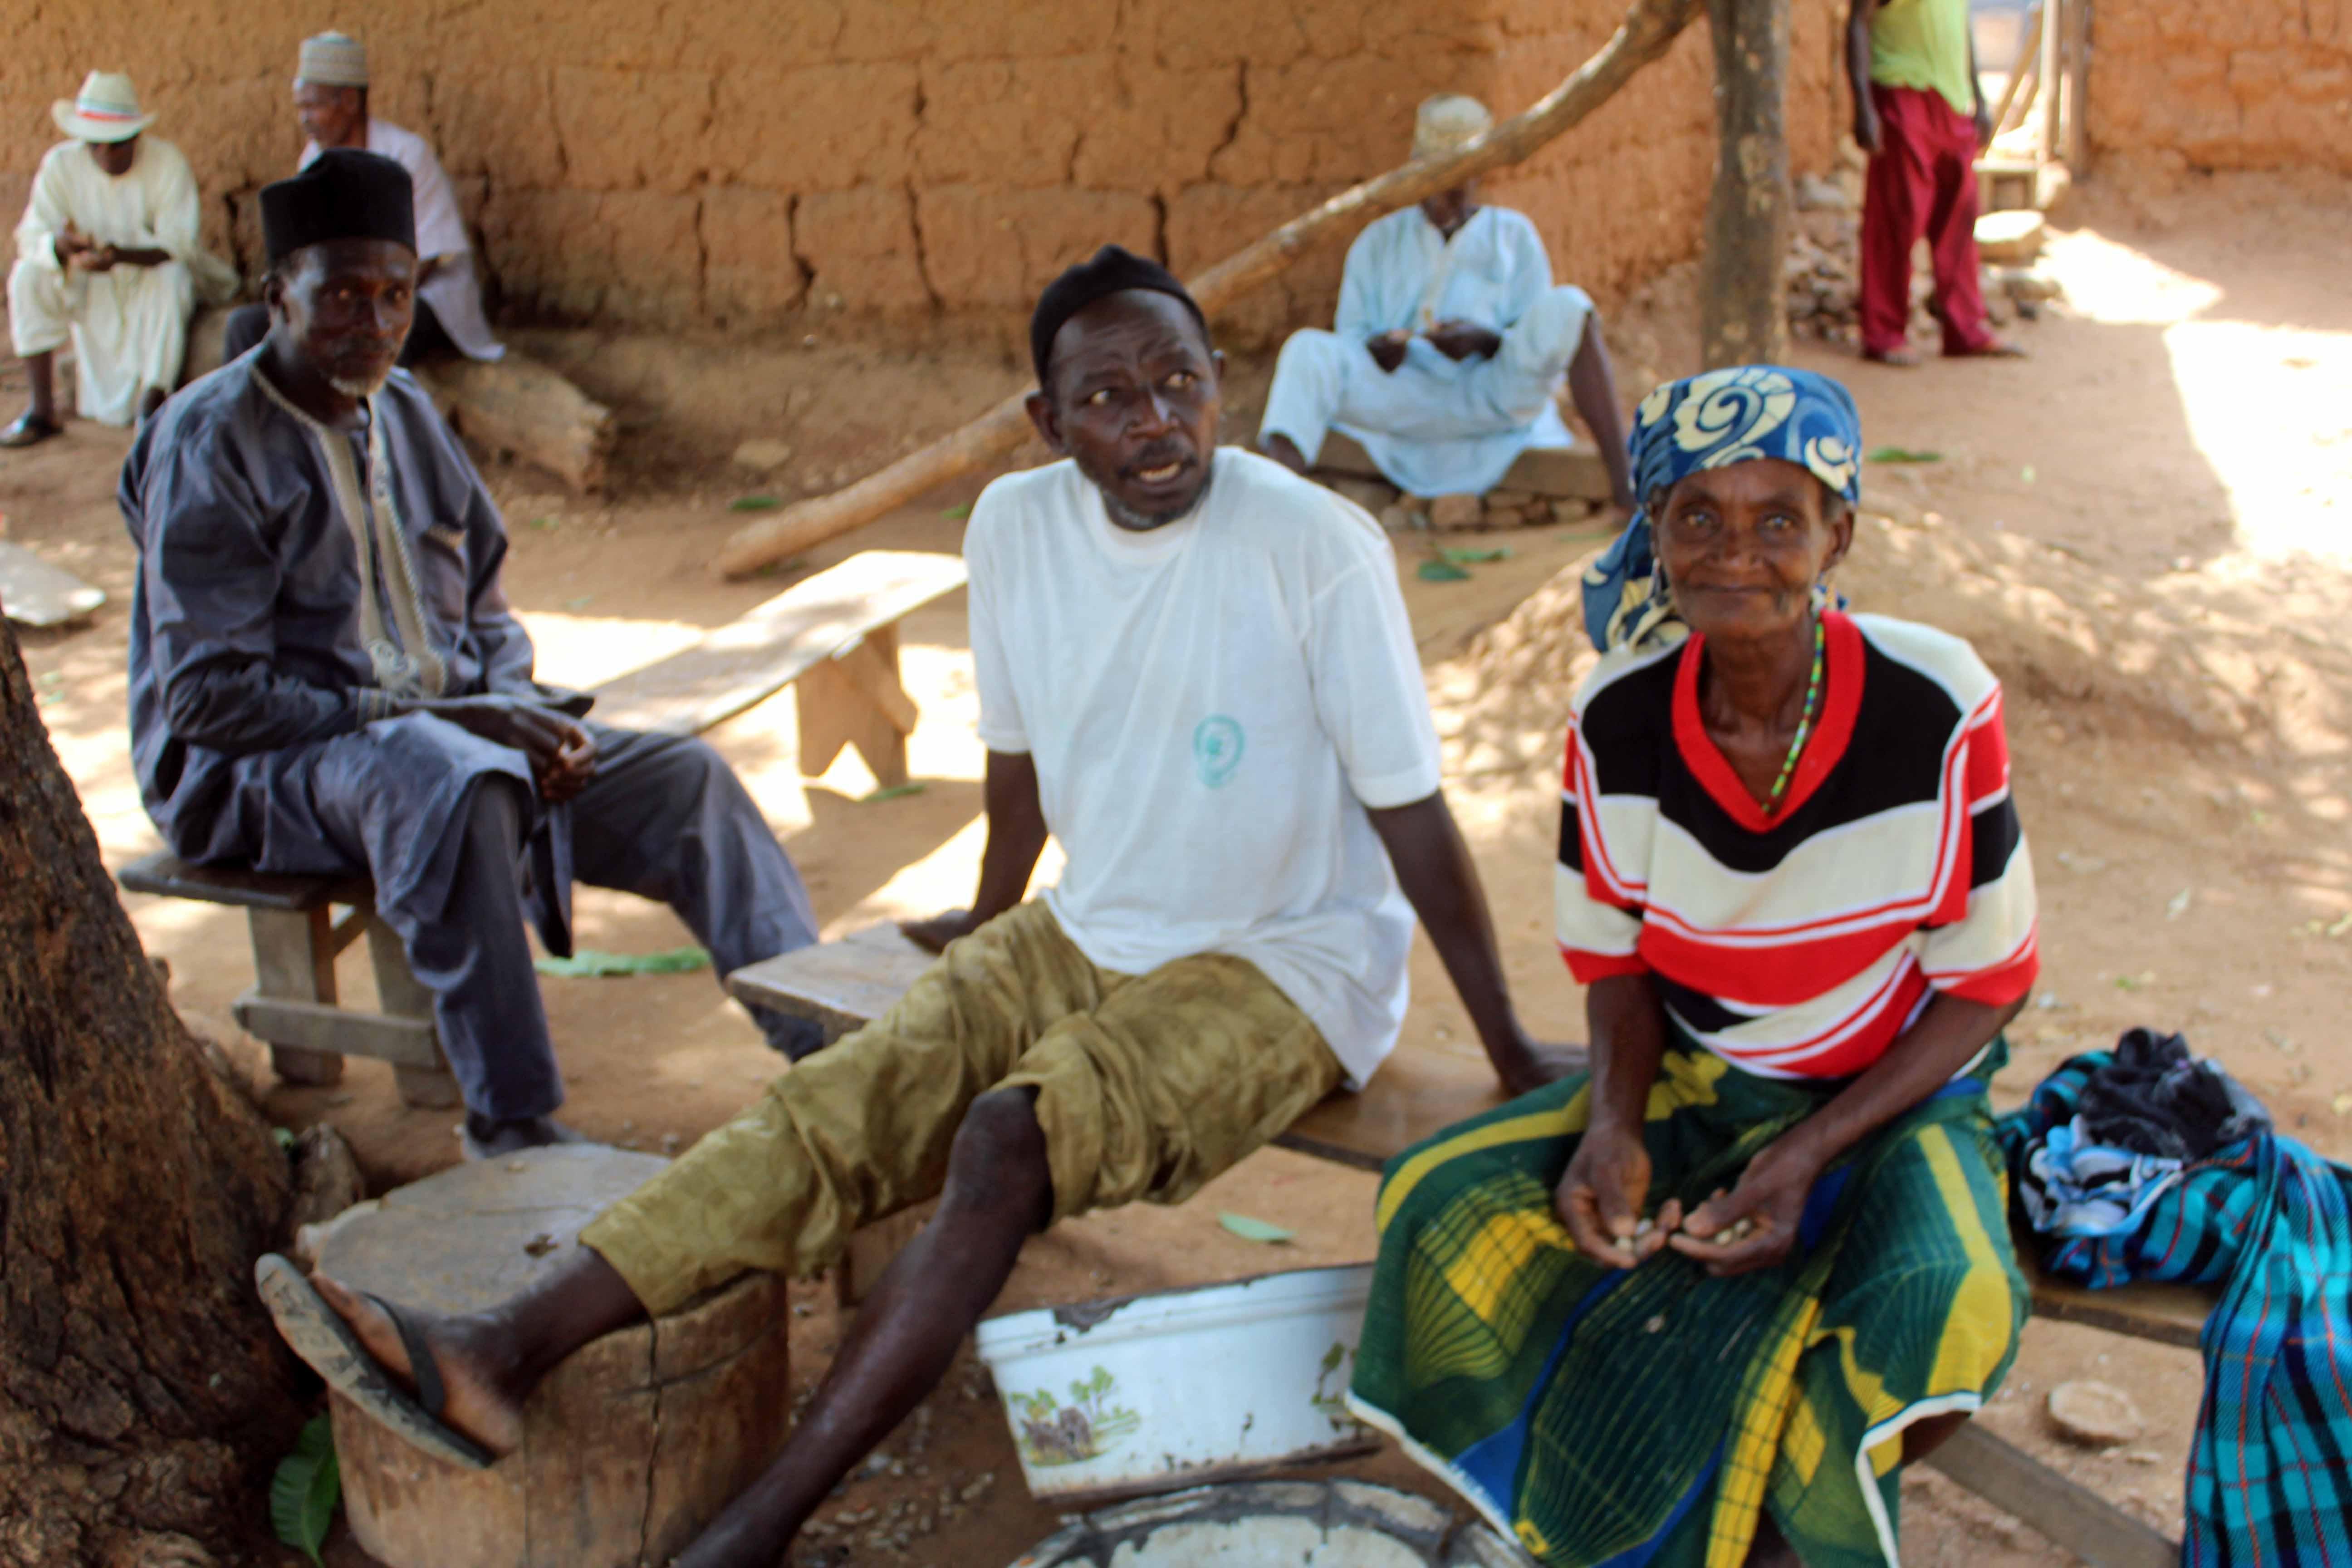 Mada, Eggon & Lendere in Langa Langa Village